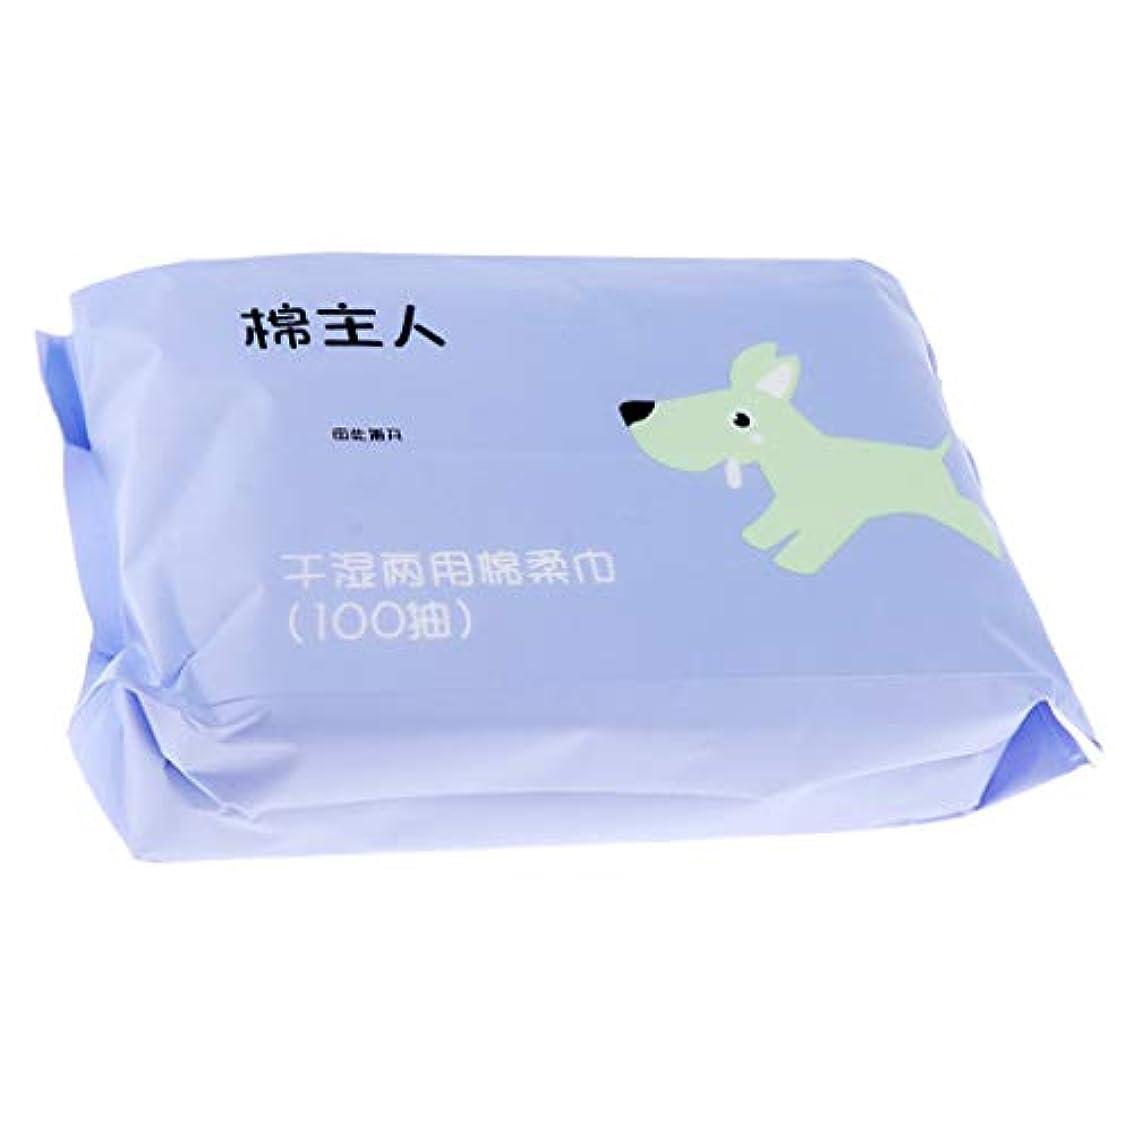 屋内でチャート失望Perfeclan 約100枚 クレンジングシート フェイス クリーニング タオル メイク落とし 清潔 衛生 非刺激 - 青紫